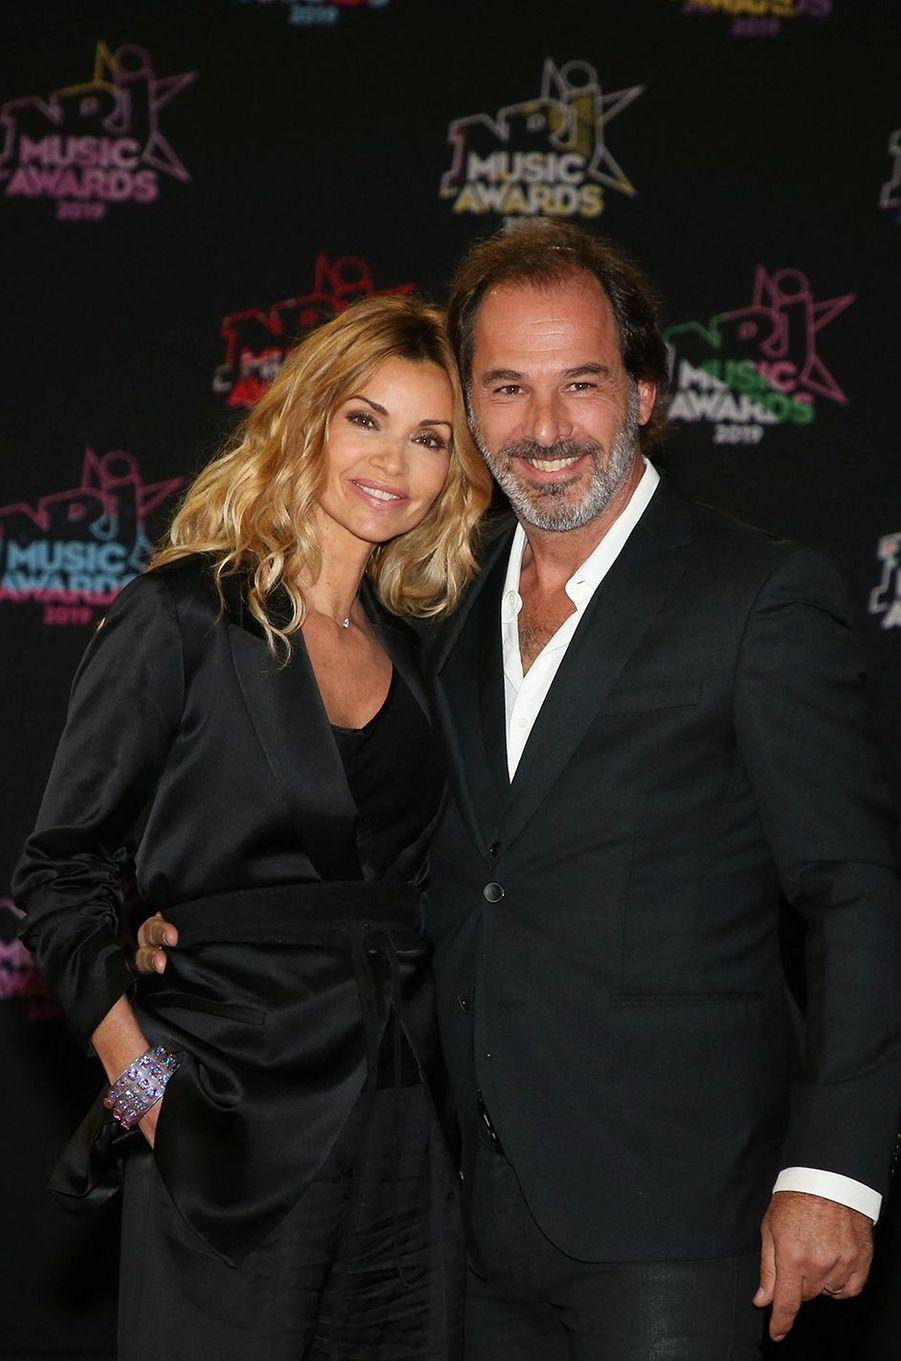 Ingrid Chauvin et Thierry Peythieu se sont mariés en 2011 après six mois de relation